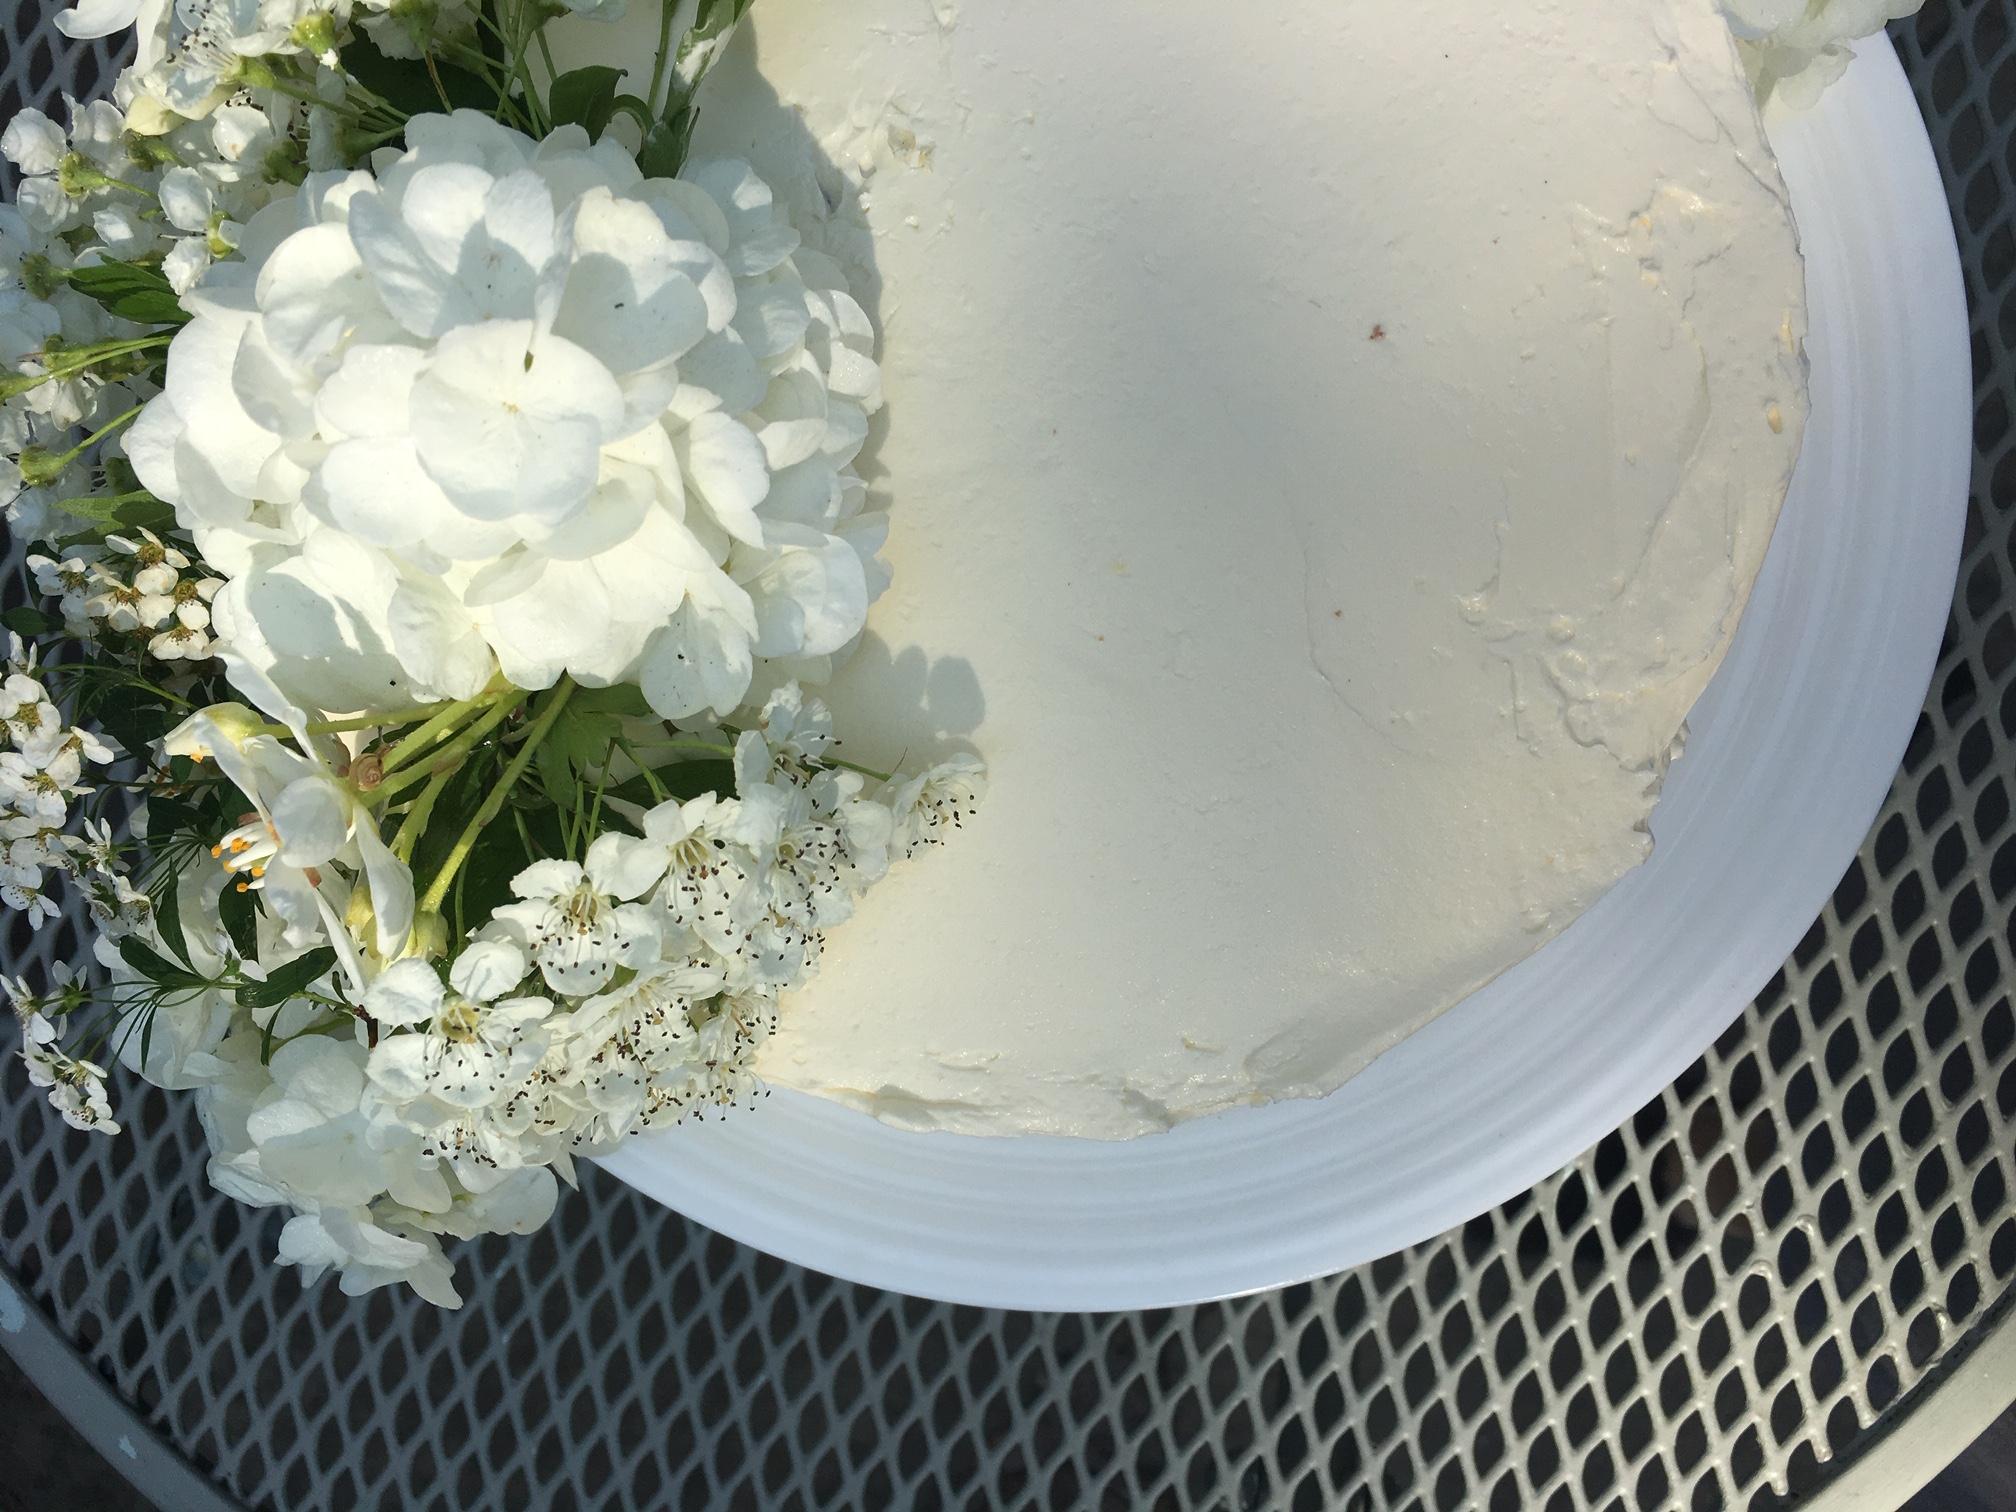 Picture of Lemon and Elderflower Cake